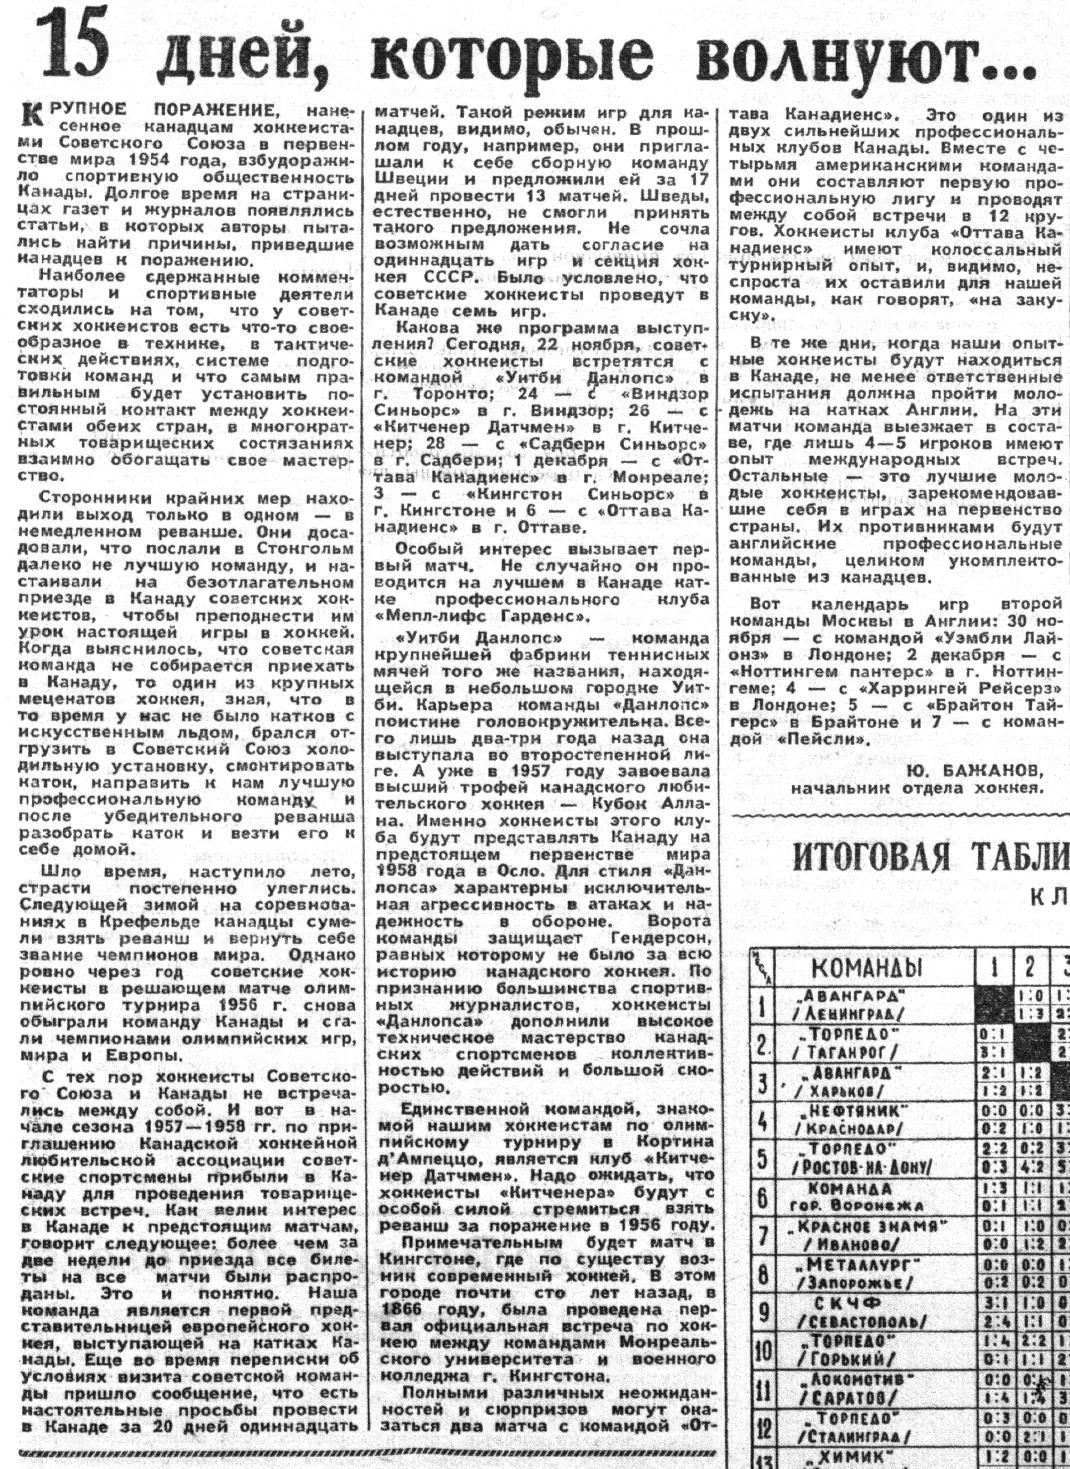 Sov_sport_1957_11_22_N200_s5.JPG